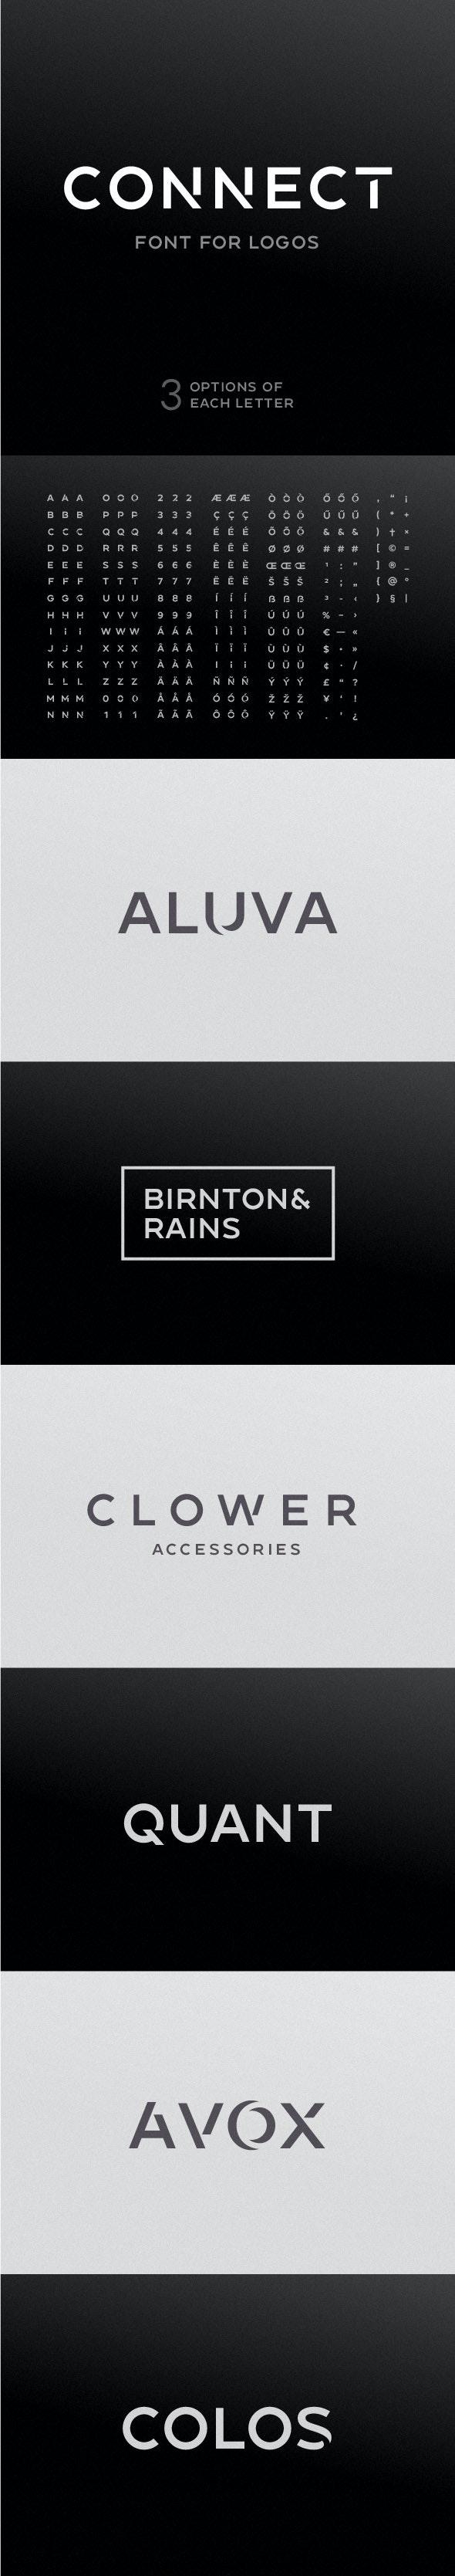 Connect - Font For Logos - Sans-Serif Fonts